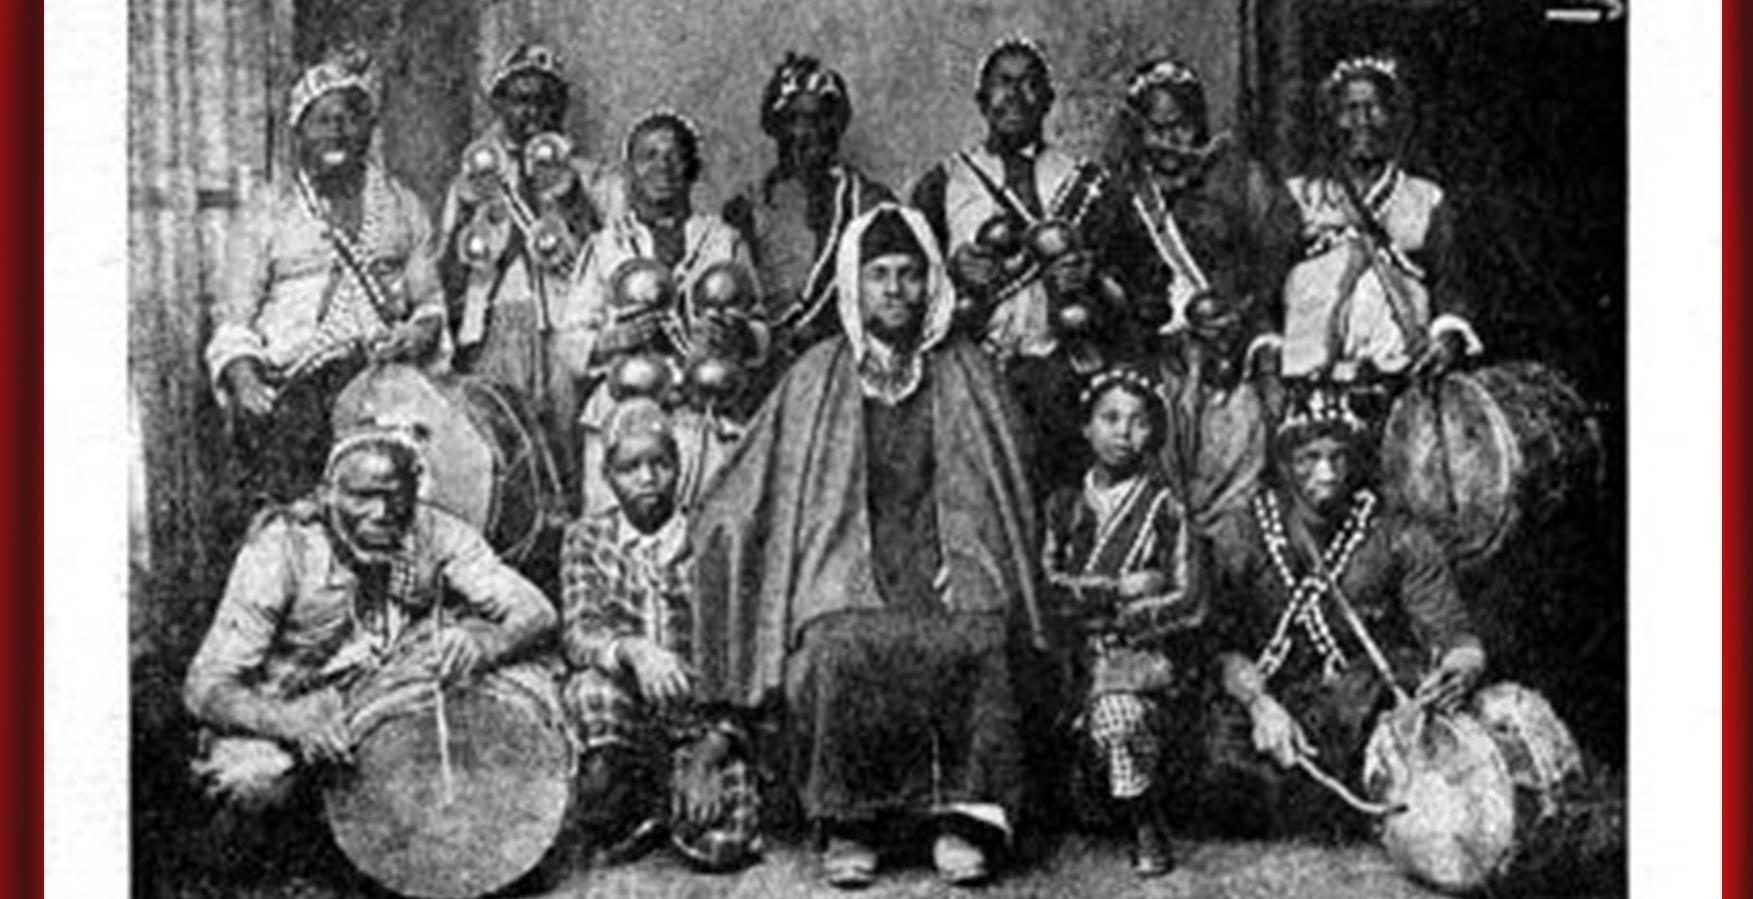 ذوو البشرة السوداء في المغرب.. نجاح رغم التمييز الاجتماعي